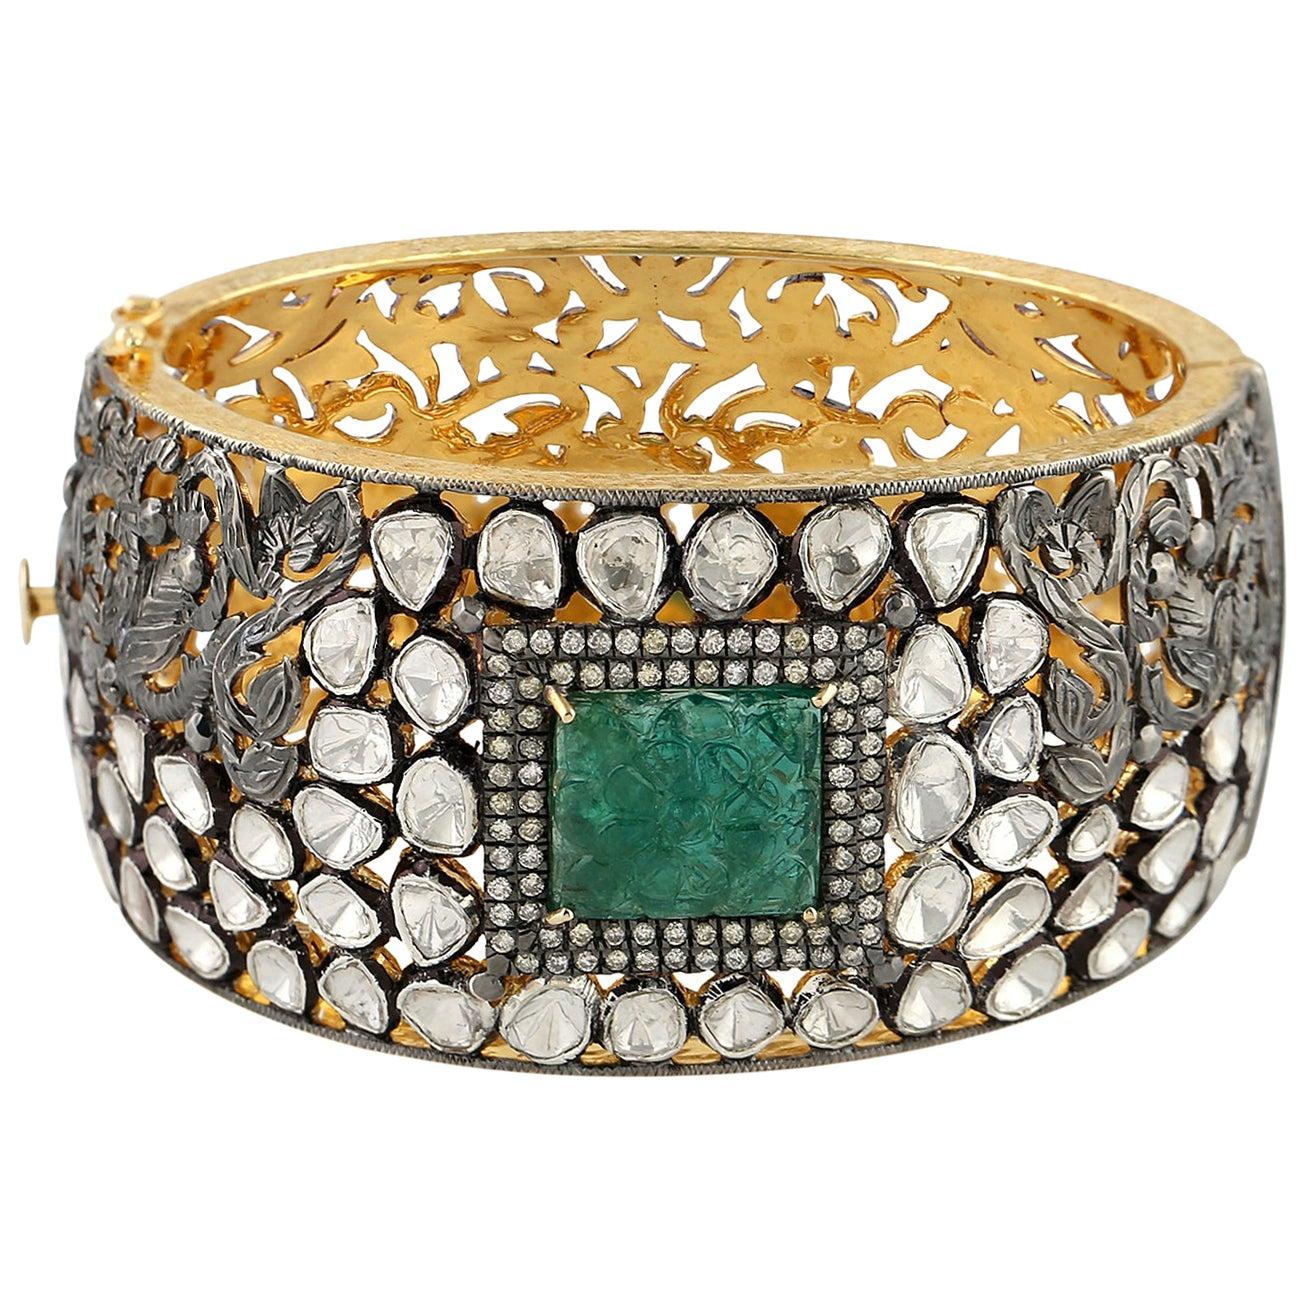 12.64 Carat Rose Cut Diamond Emerald Bracelet Cuff